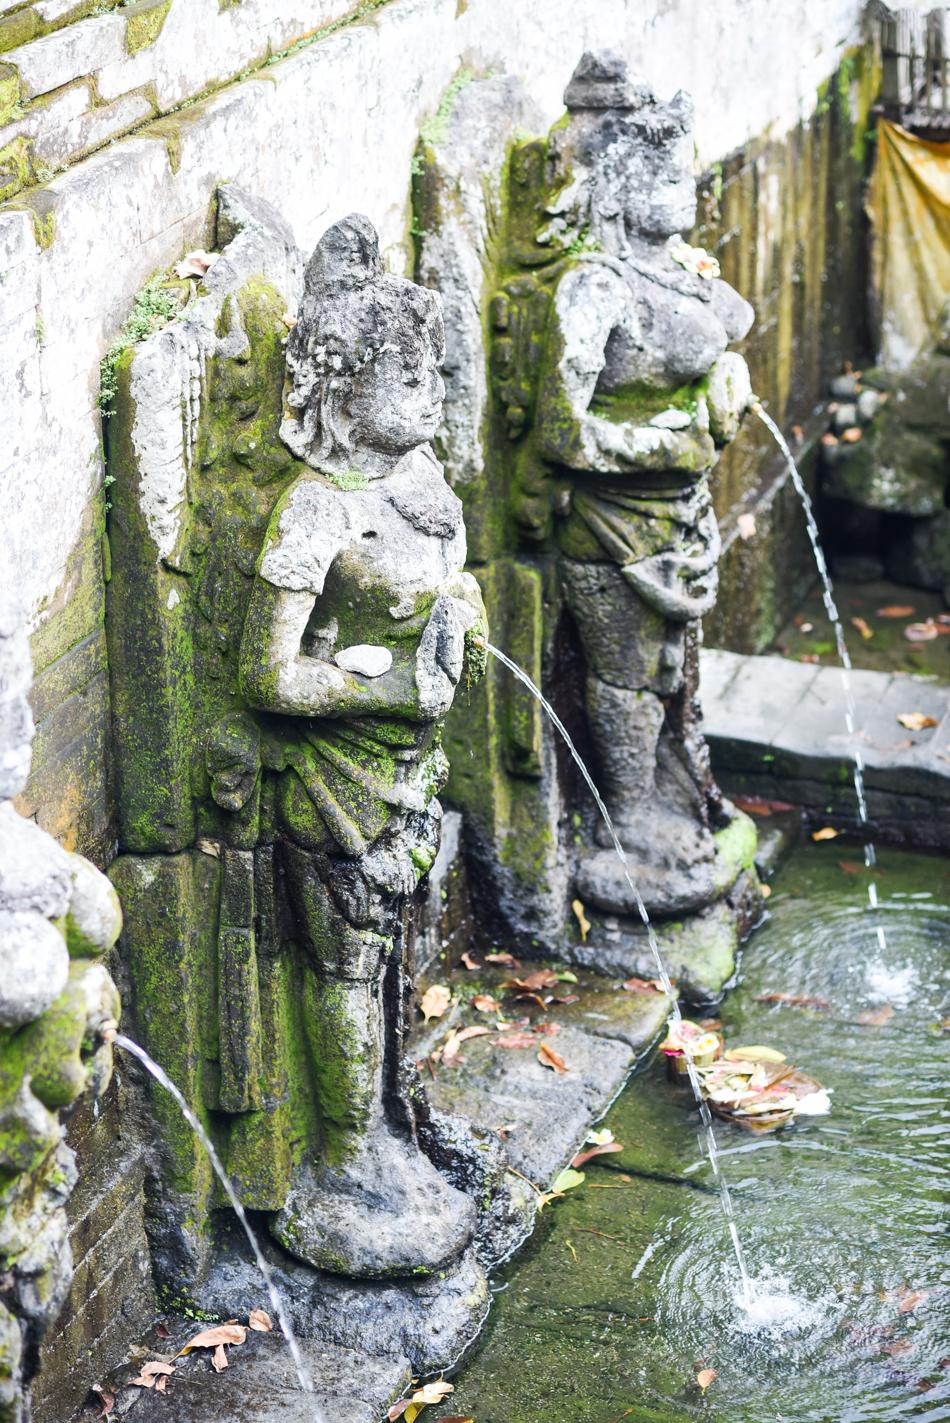 Bali-Honeymoon-Travel-AnaisStoelen-87.jpg